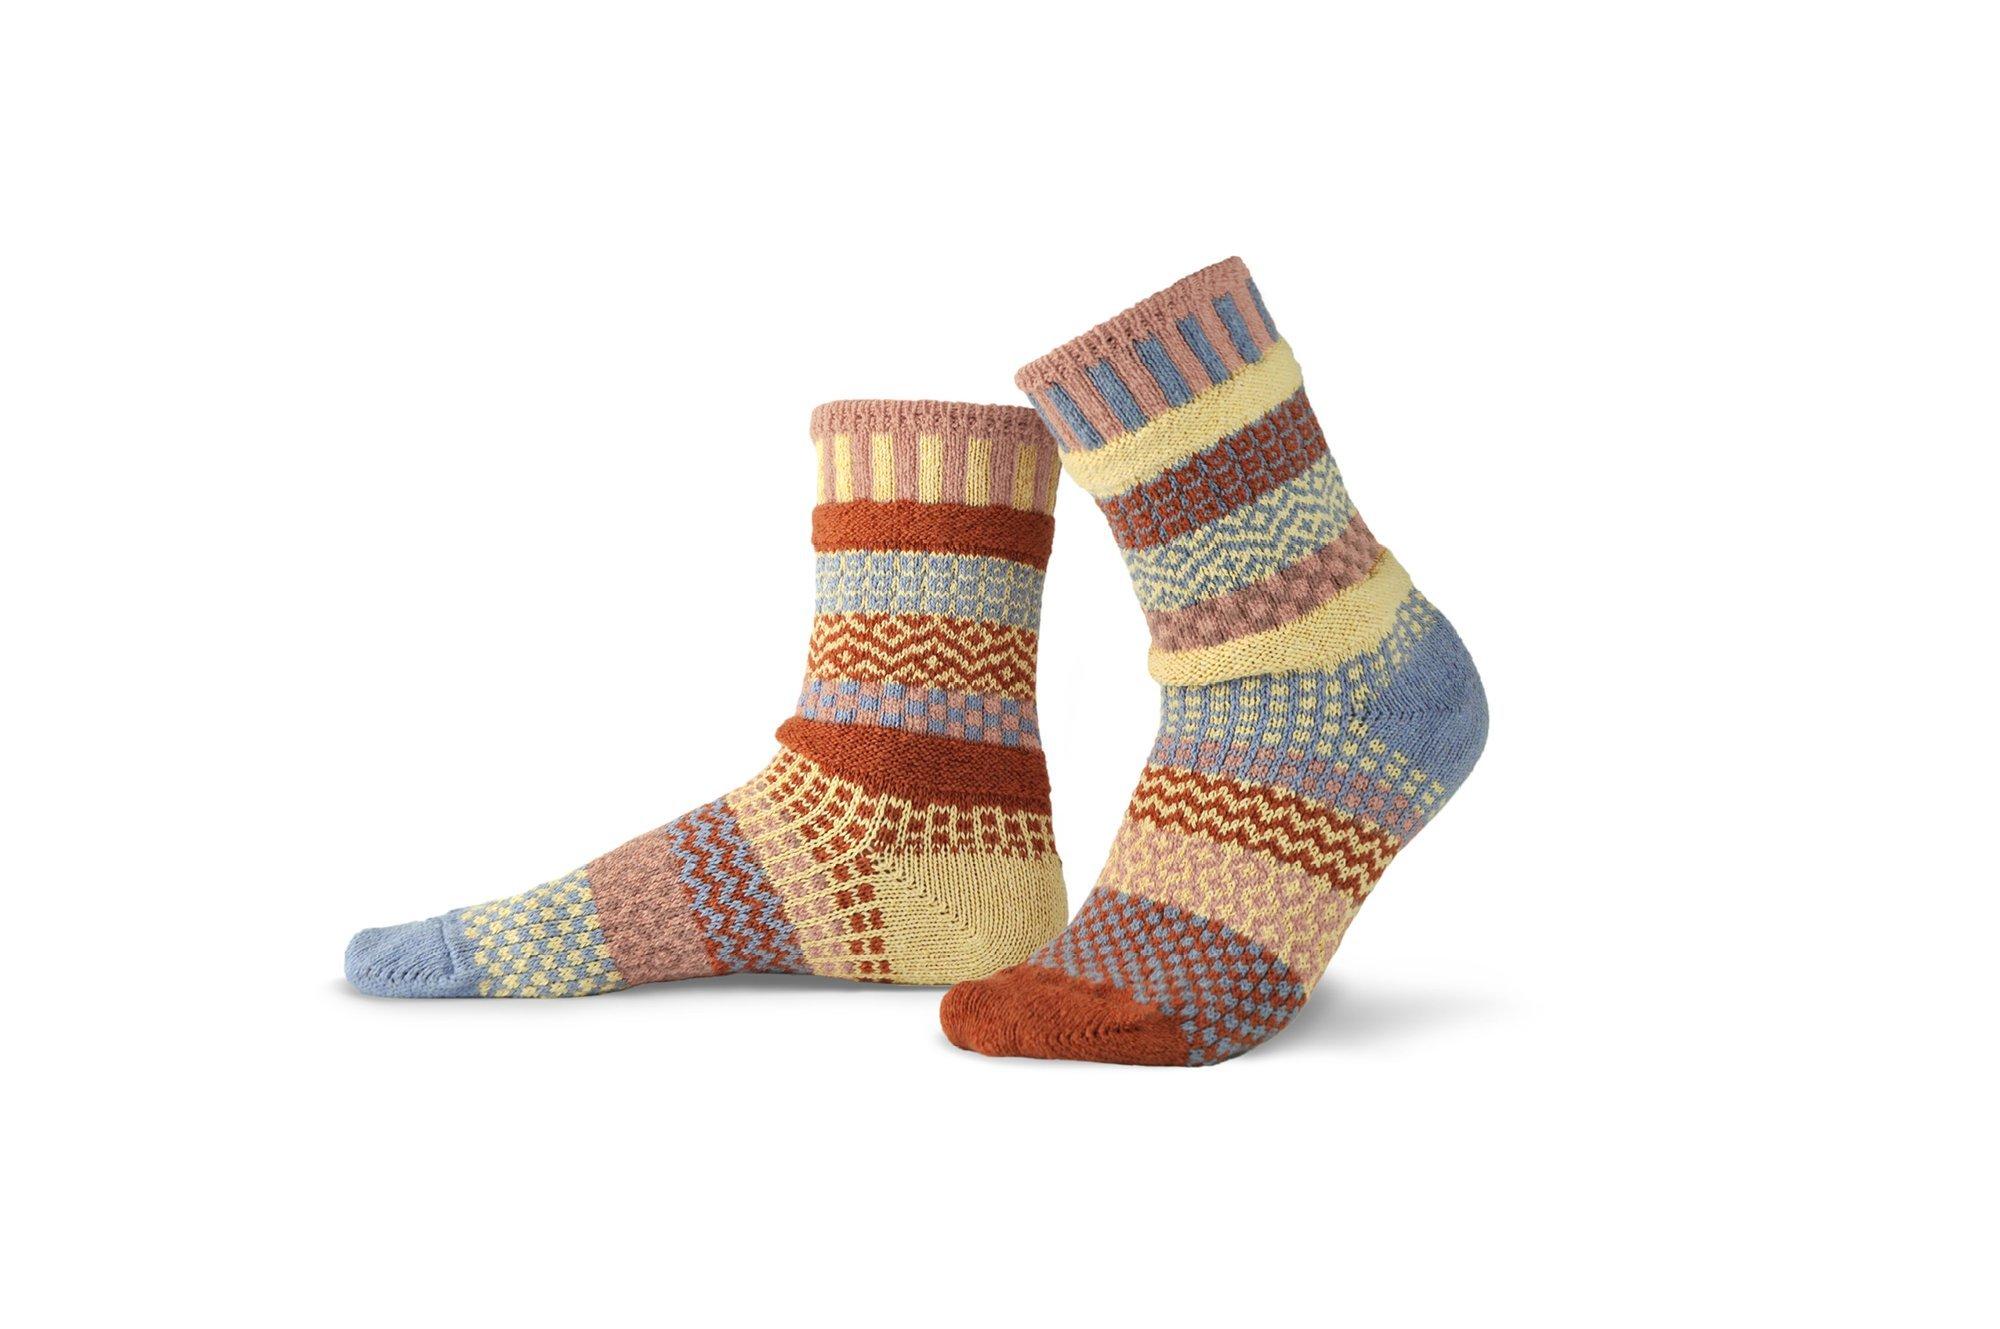 Solmate Crew Socks Sandstone